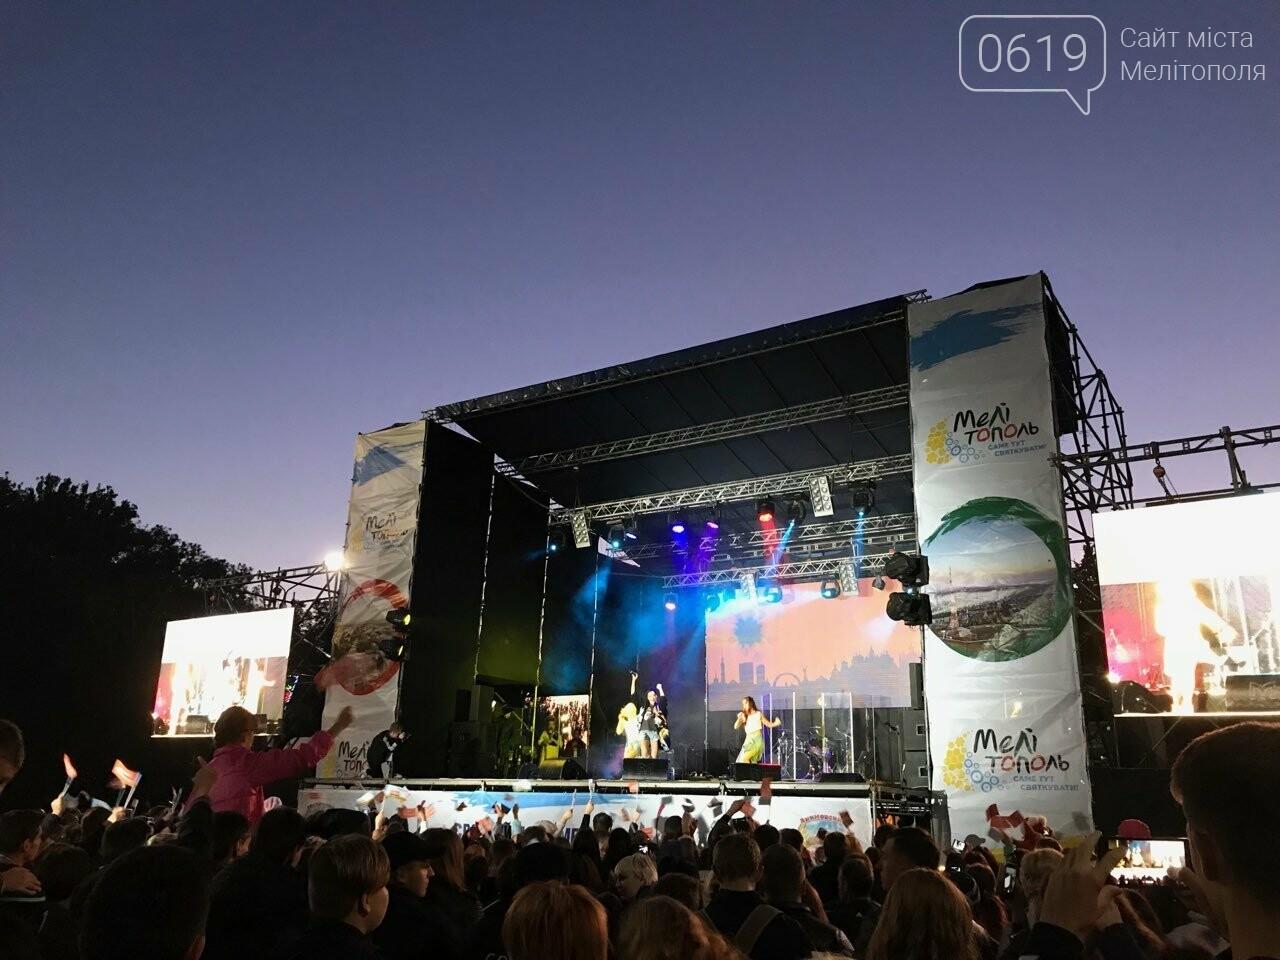 В Мелитополе День города отметили концертом и ярким фейерверком, фото-9